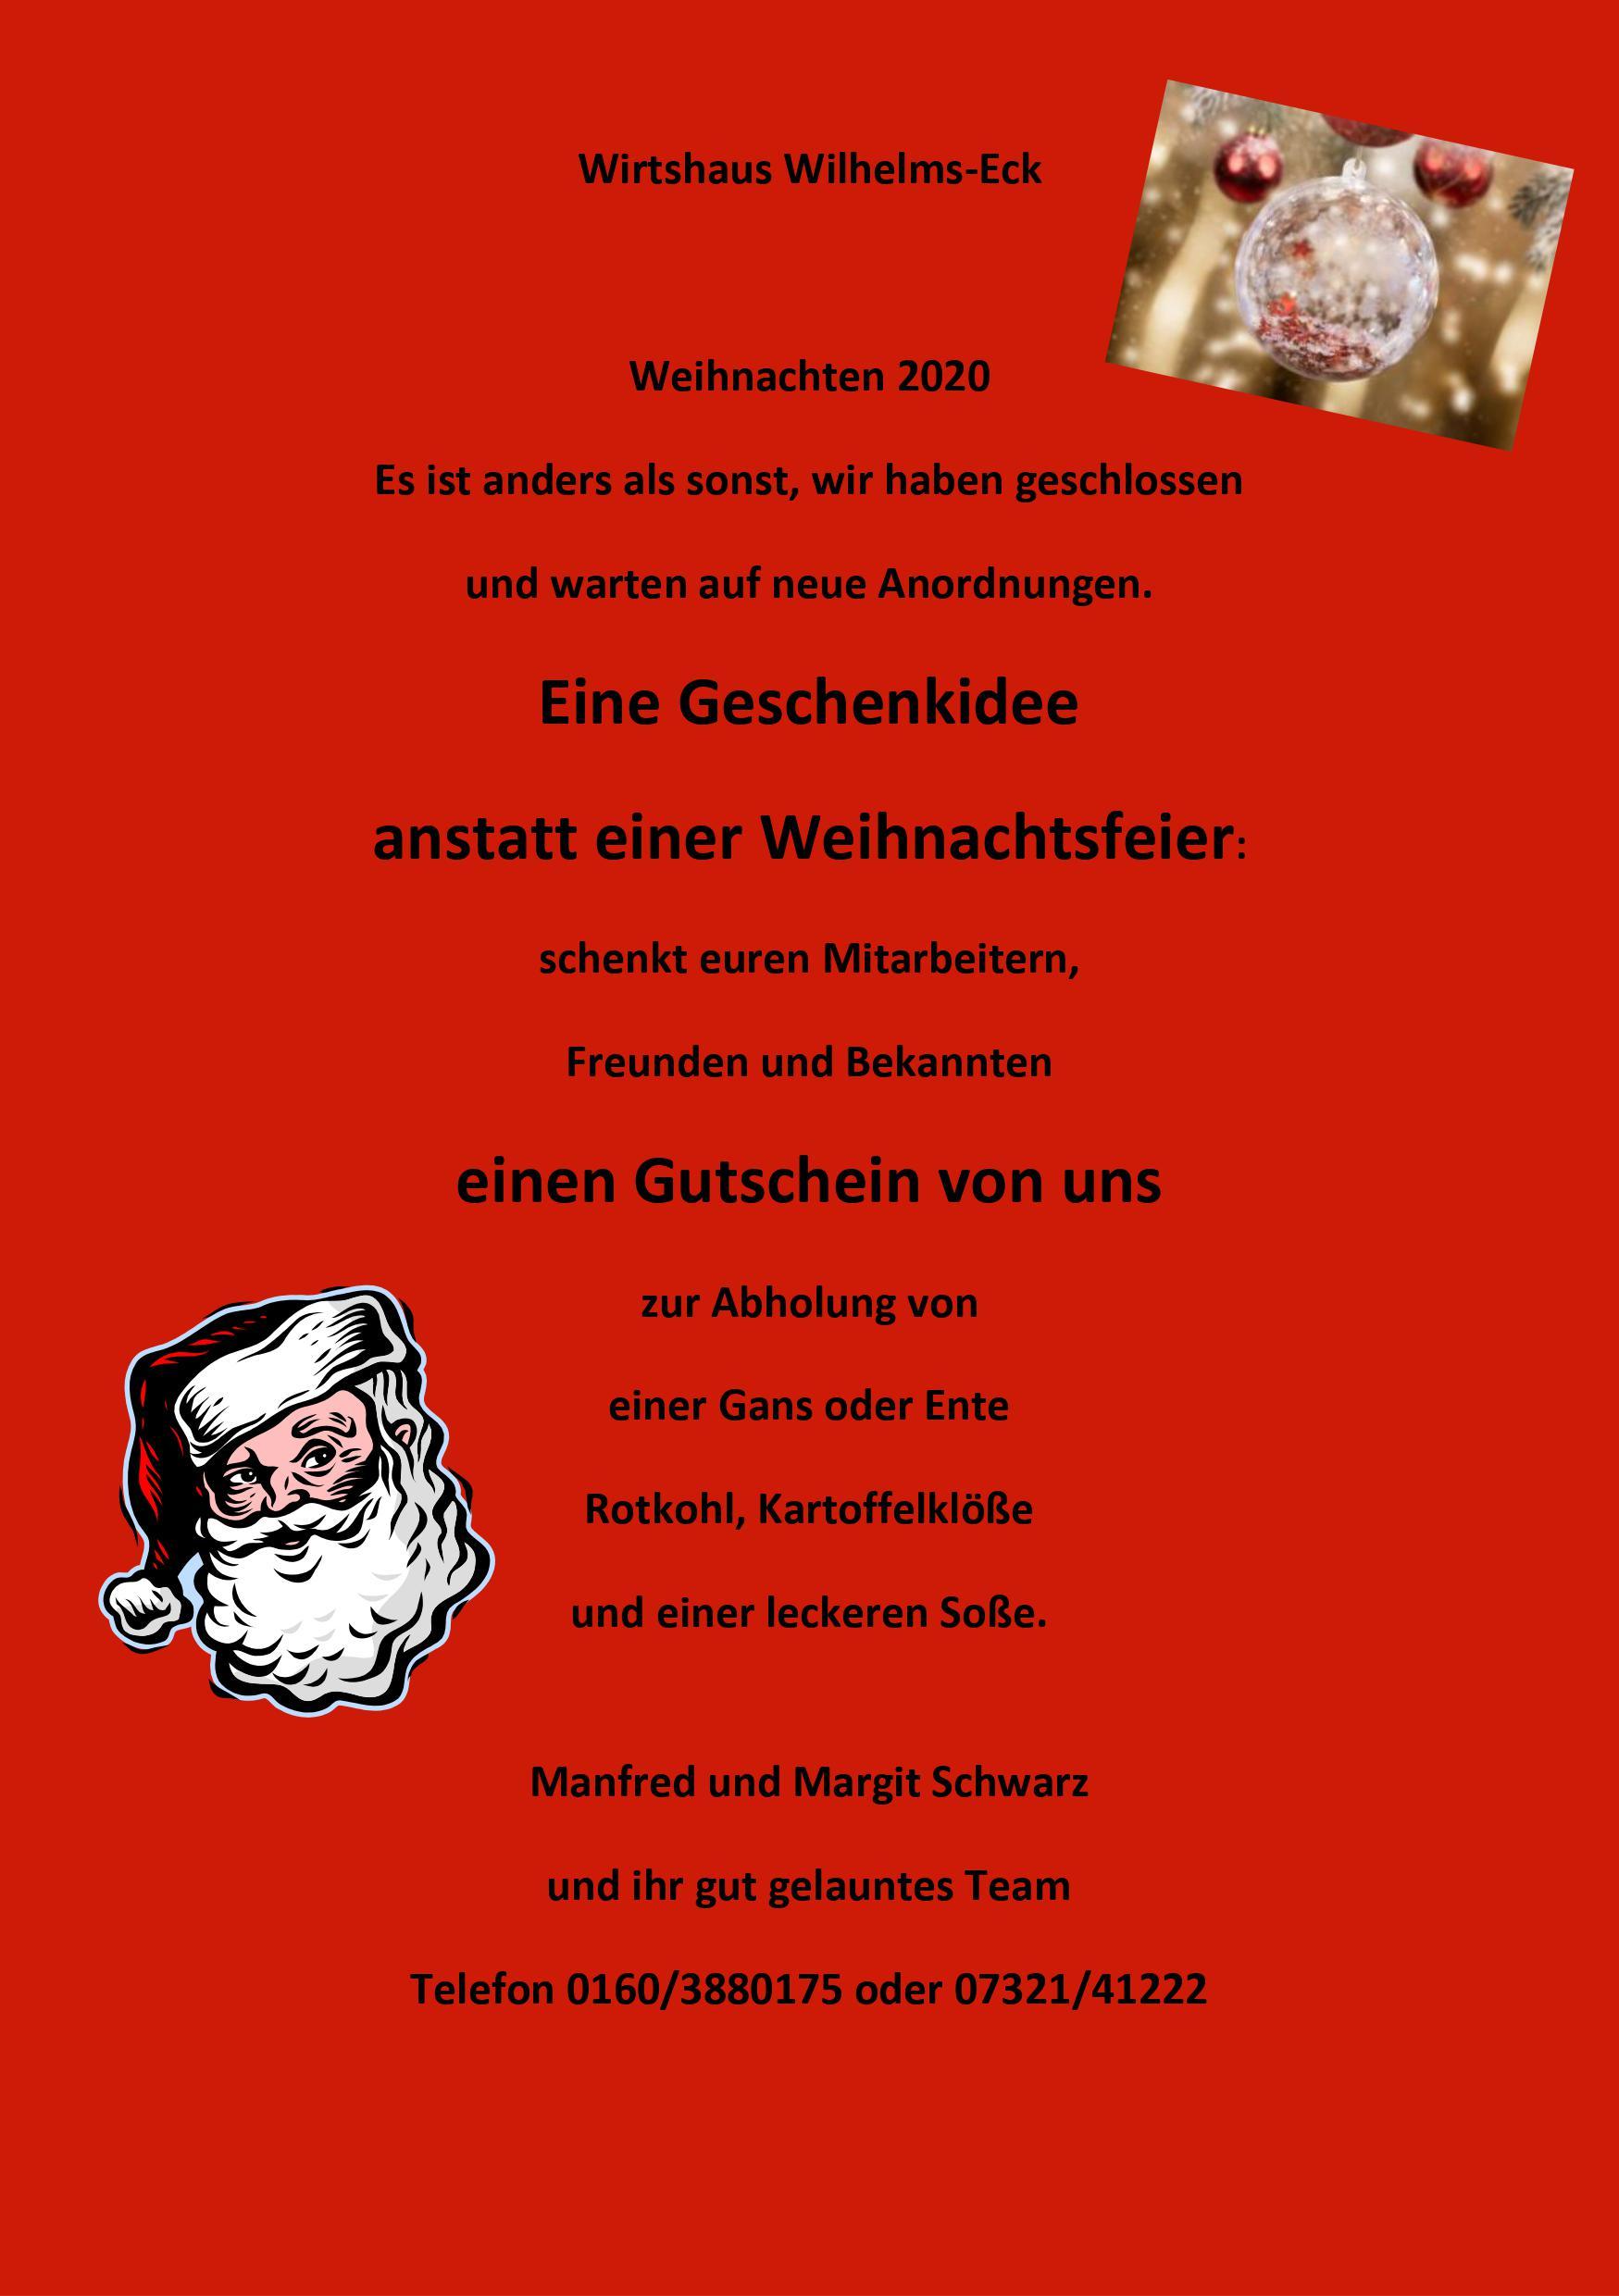 Bild zur Nachricht von Wirtshaus Wilhelms Eck